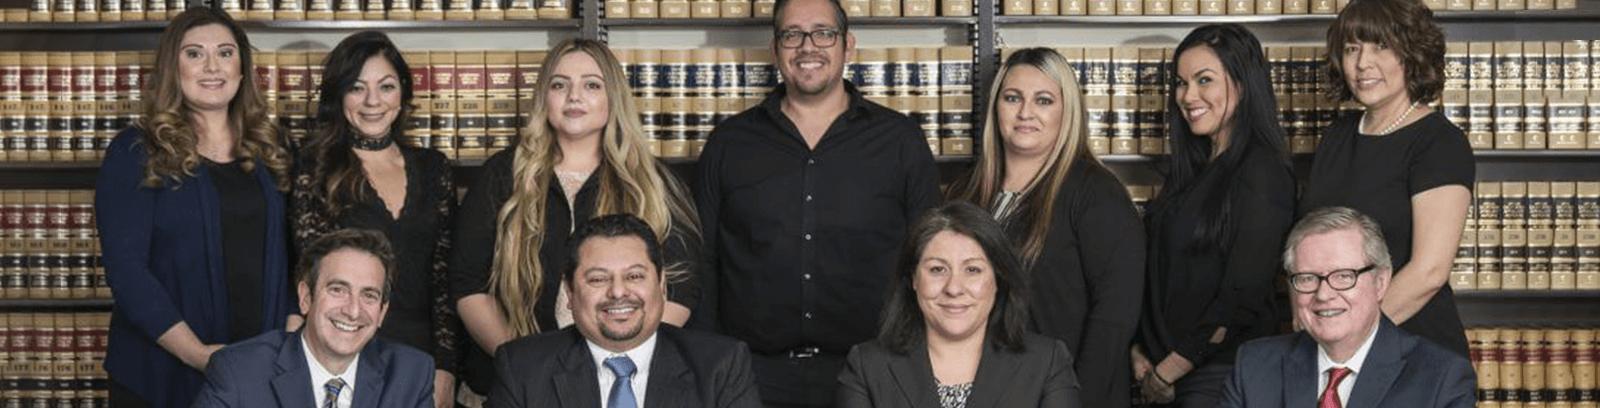 Abogados de Lesiones Personales en california